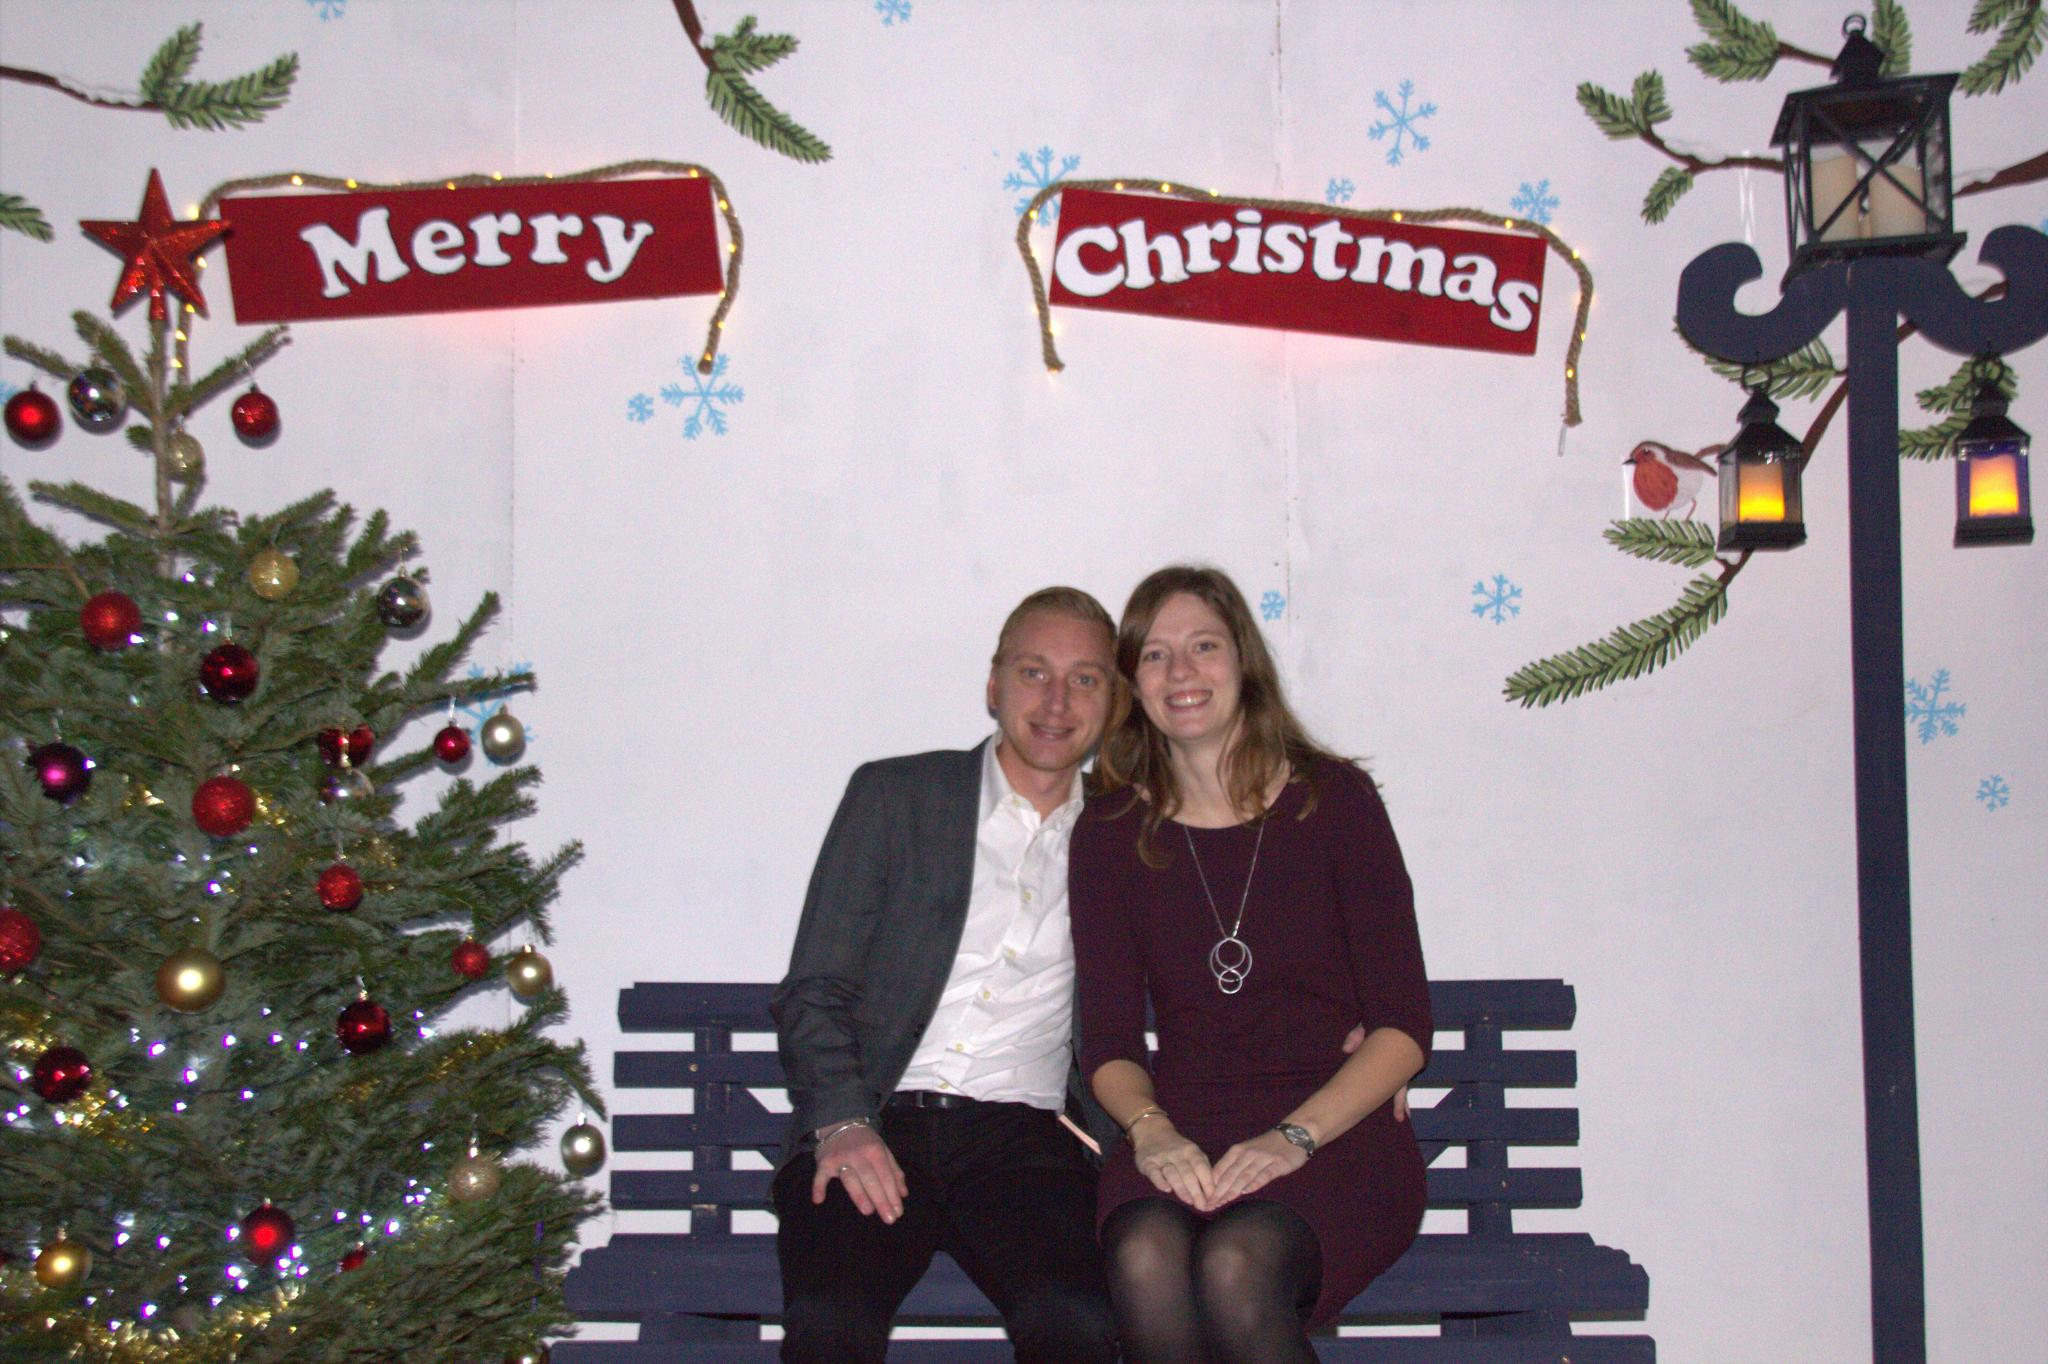 Kerstfeest_152